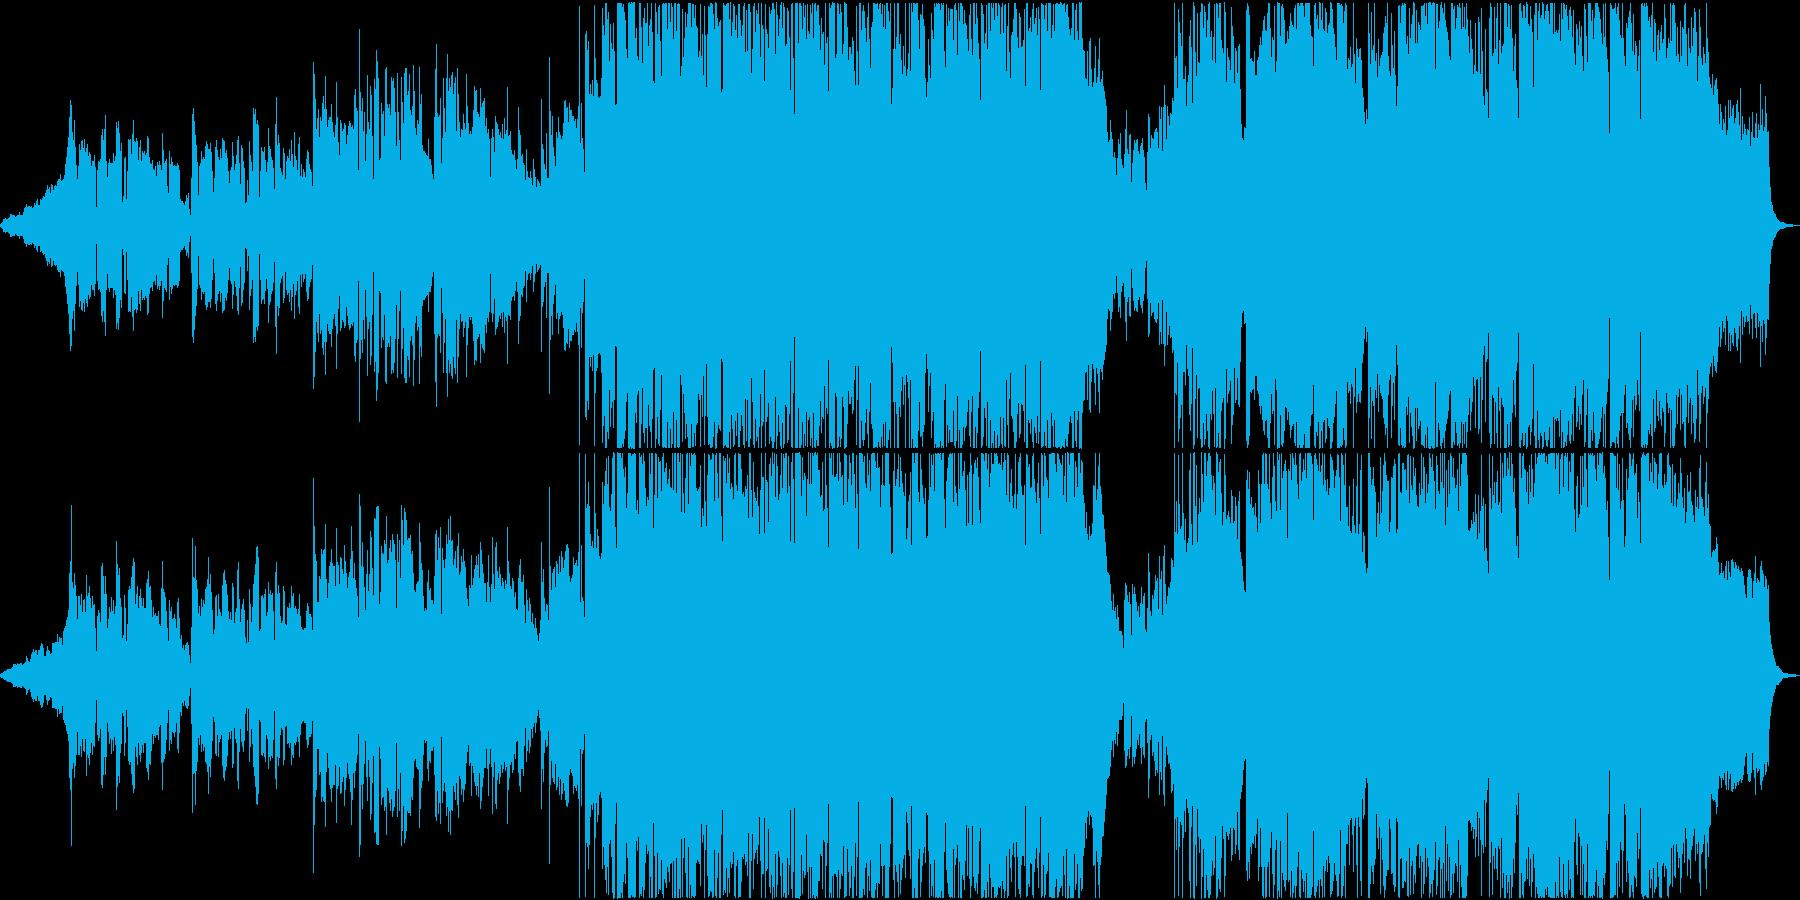 アニメ風バラードエンディング曲の再生済みの波形